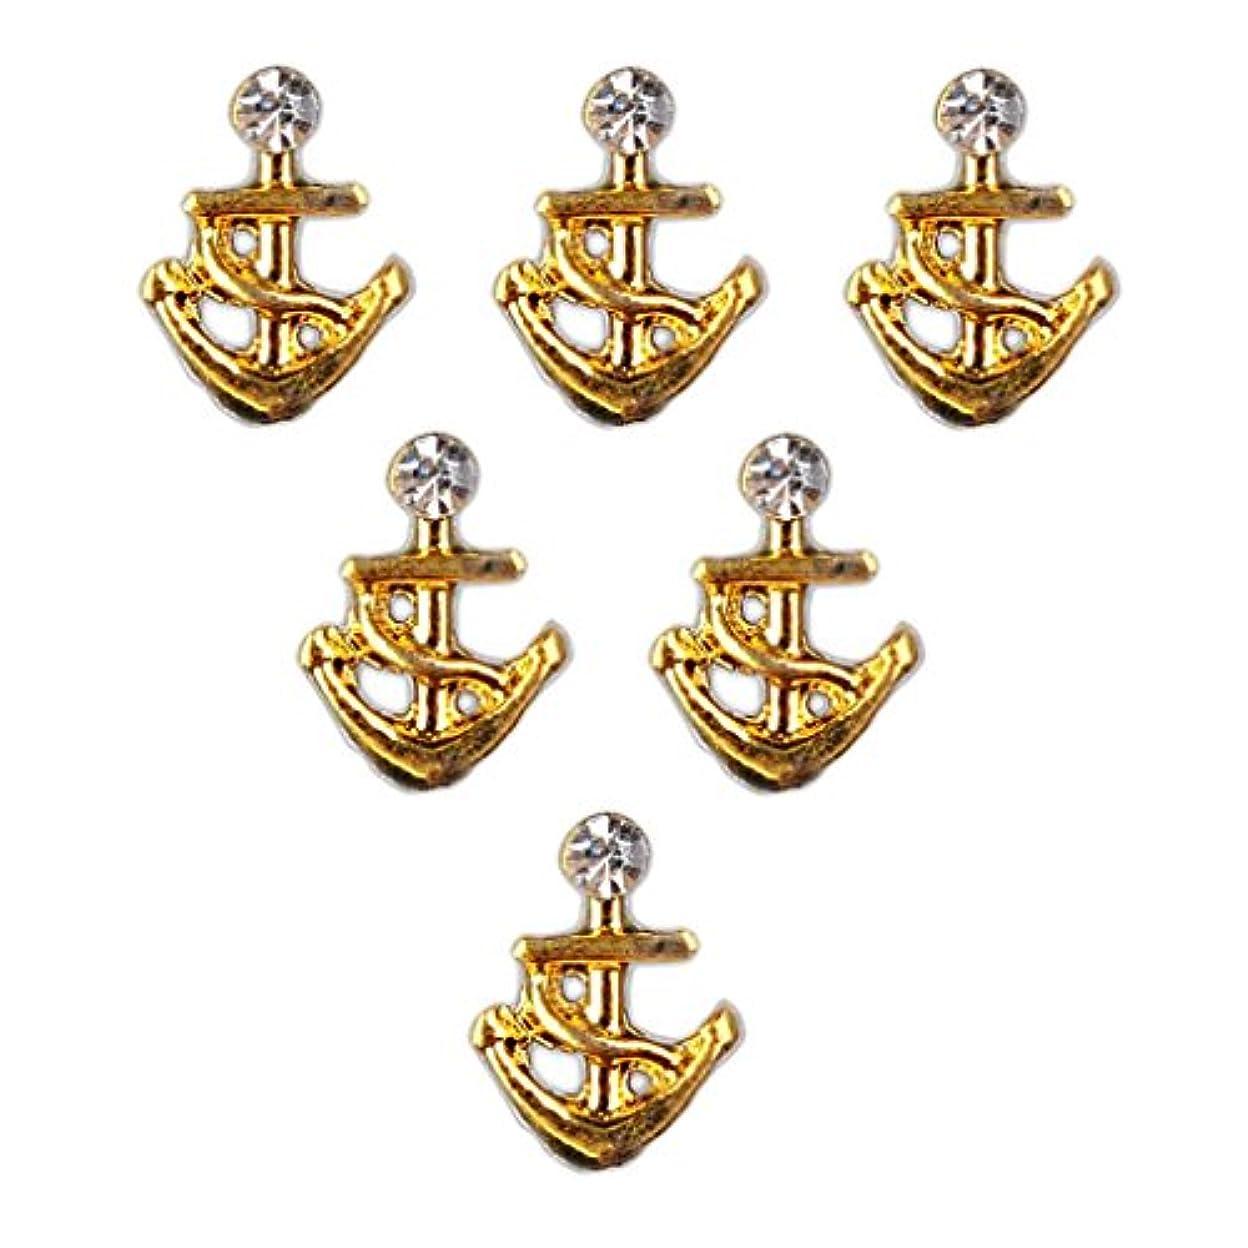 Perfk ネイル ネイルデザイン ダイヤモンド 約50個 3Dネイルアート ヒントステッカー 装飾 おしゃれ 全8タイプ選べ - 1